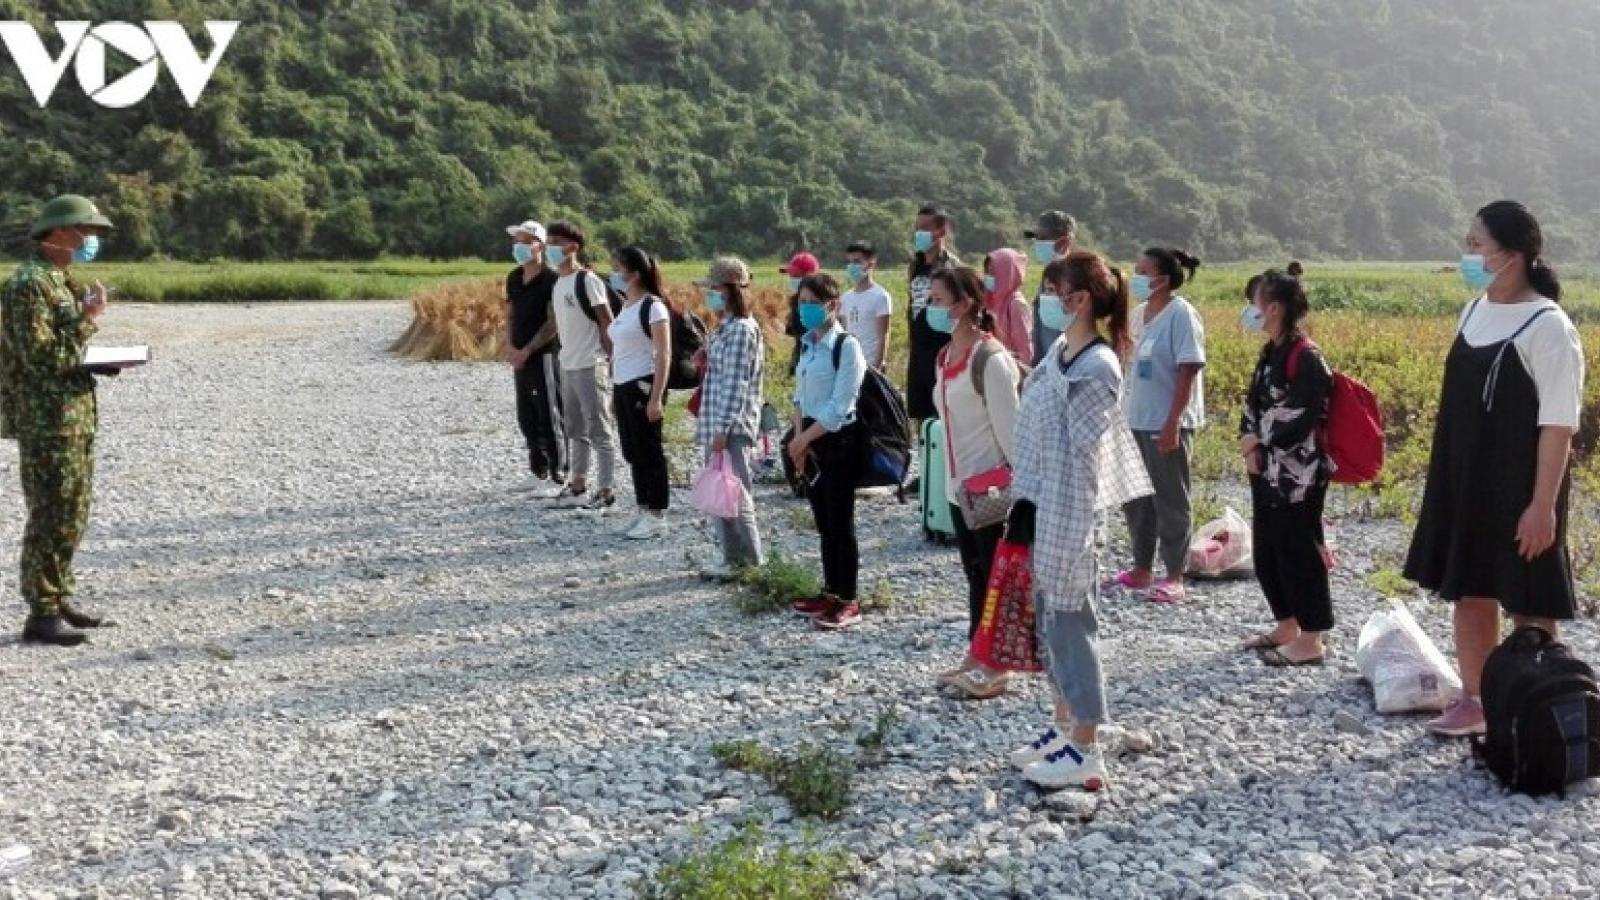 Nóng 24h: Phát hiện 15 đối tượng nhập cảnh trái phép từ Trung Quốc